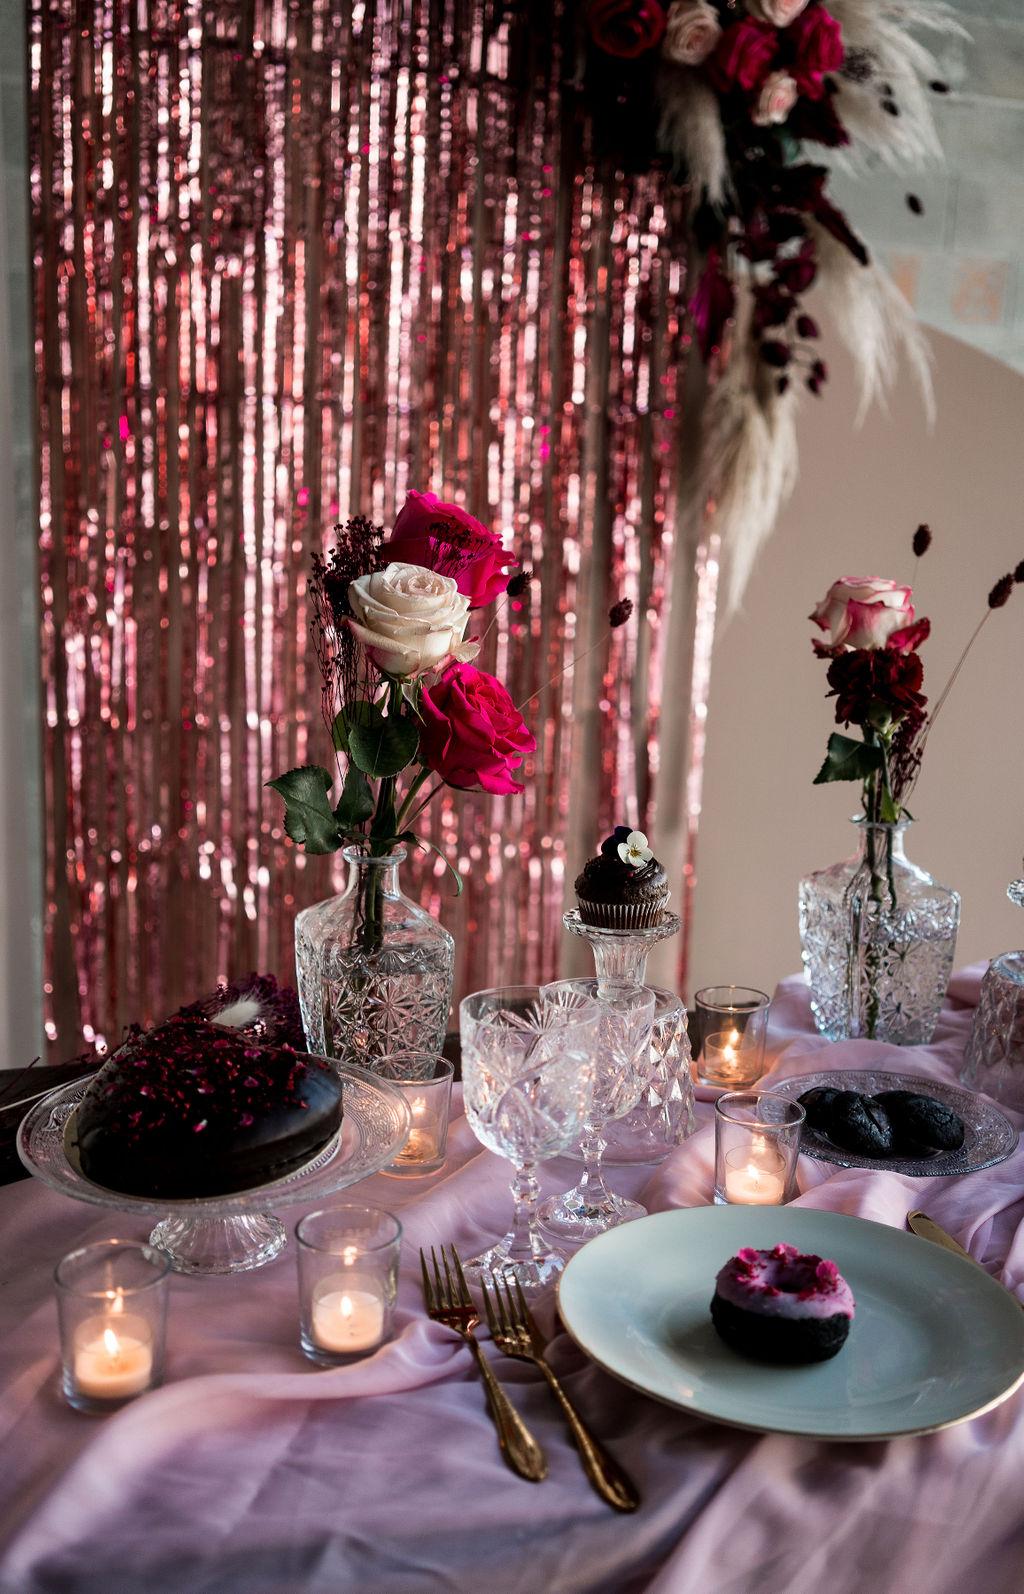 modern industrial wedding - alternative wedding - unconventional wedding - edgy wedding - pink wedding table - modern wedding styling